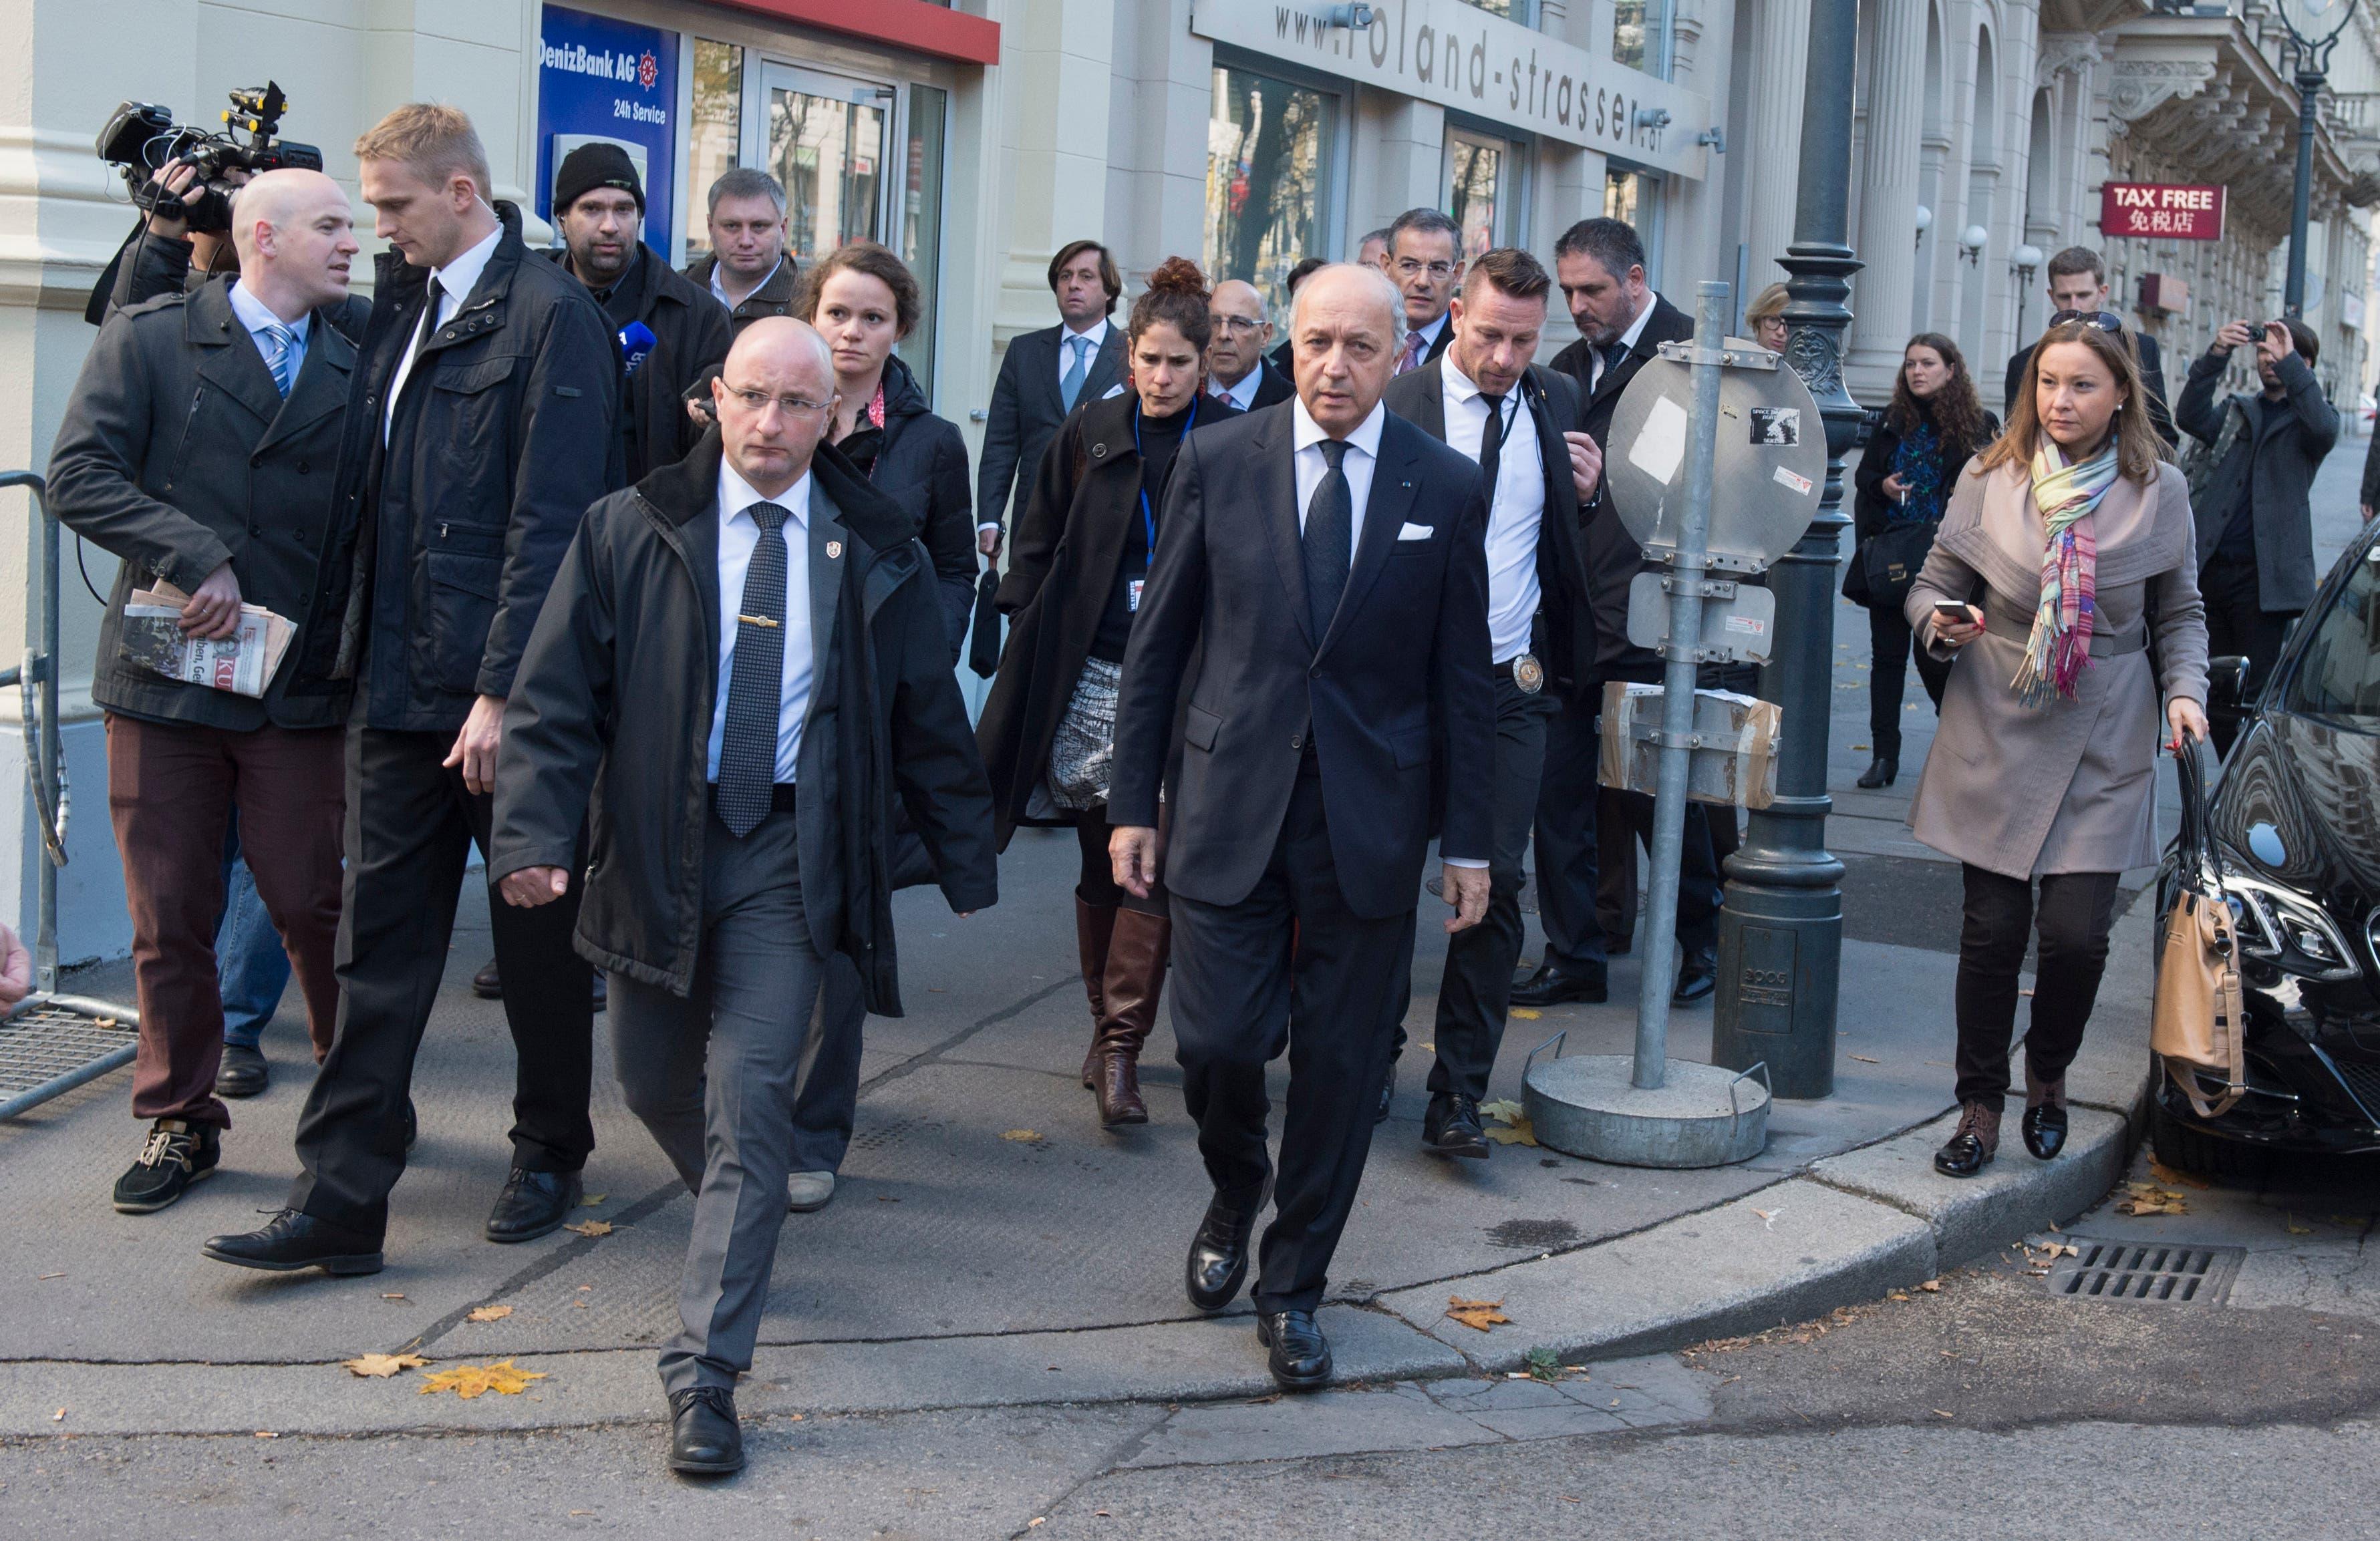 وزير الخارجية الفرنسي لوران فابيوس لدى وصوله الى المؤتمر فيينا